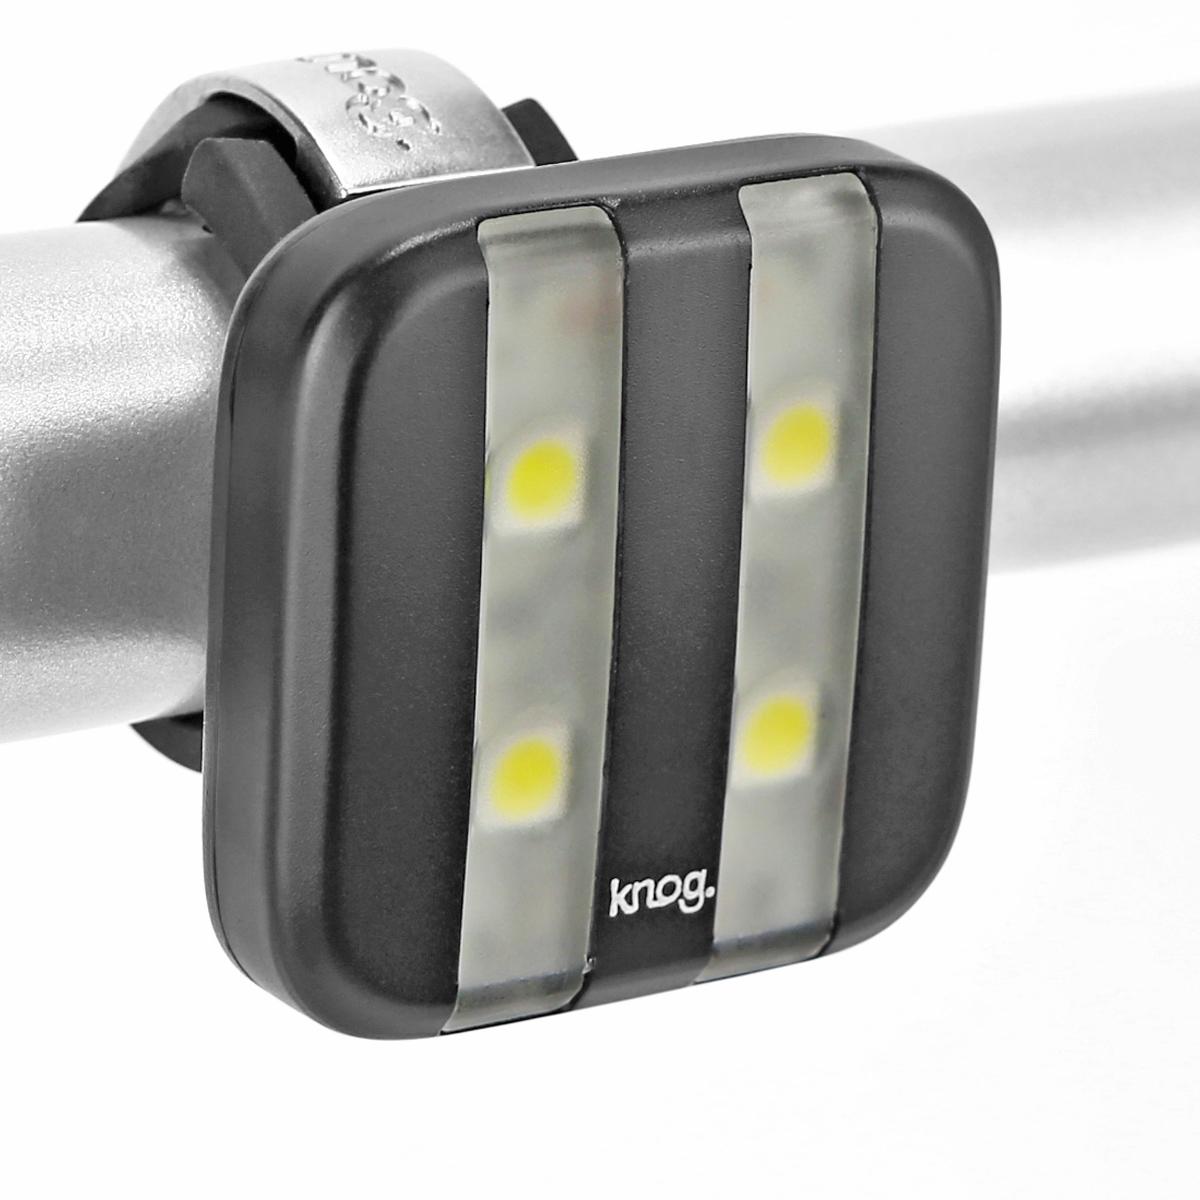 Éclairage avant Knog Blinder Ligne 4 LED - Rouge